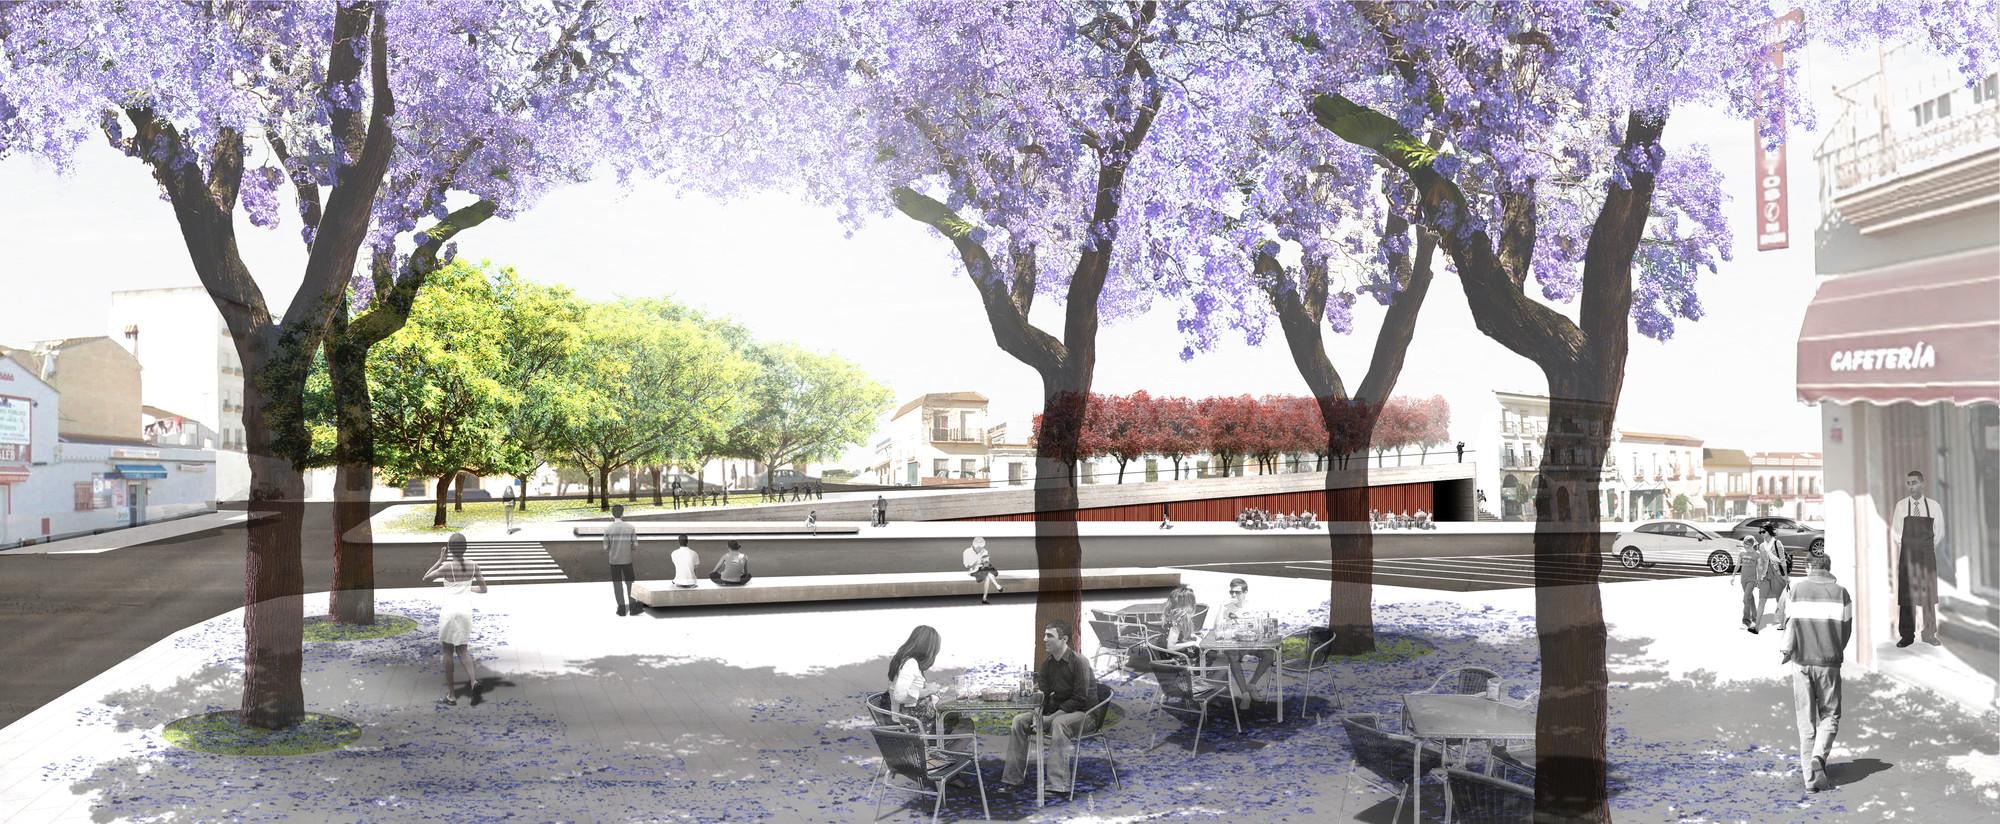 Emac Arquitectura, primer lugar en concurso de la Plaza de la Cruz / Huelva, España, Cortesia de Emac Arquitectura